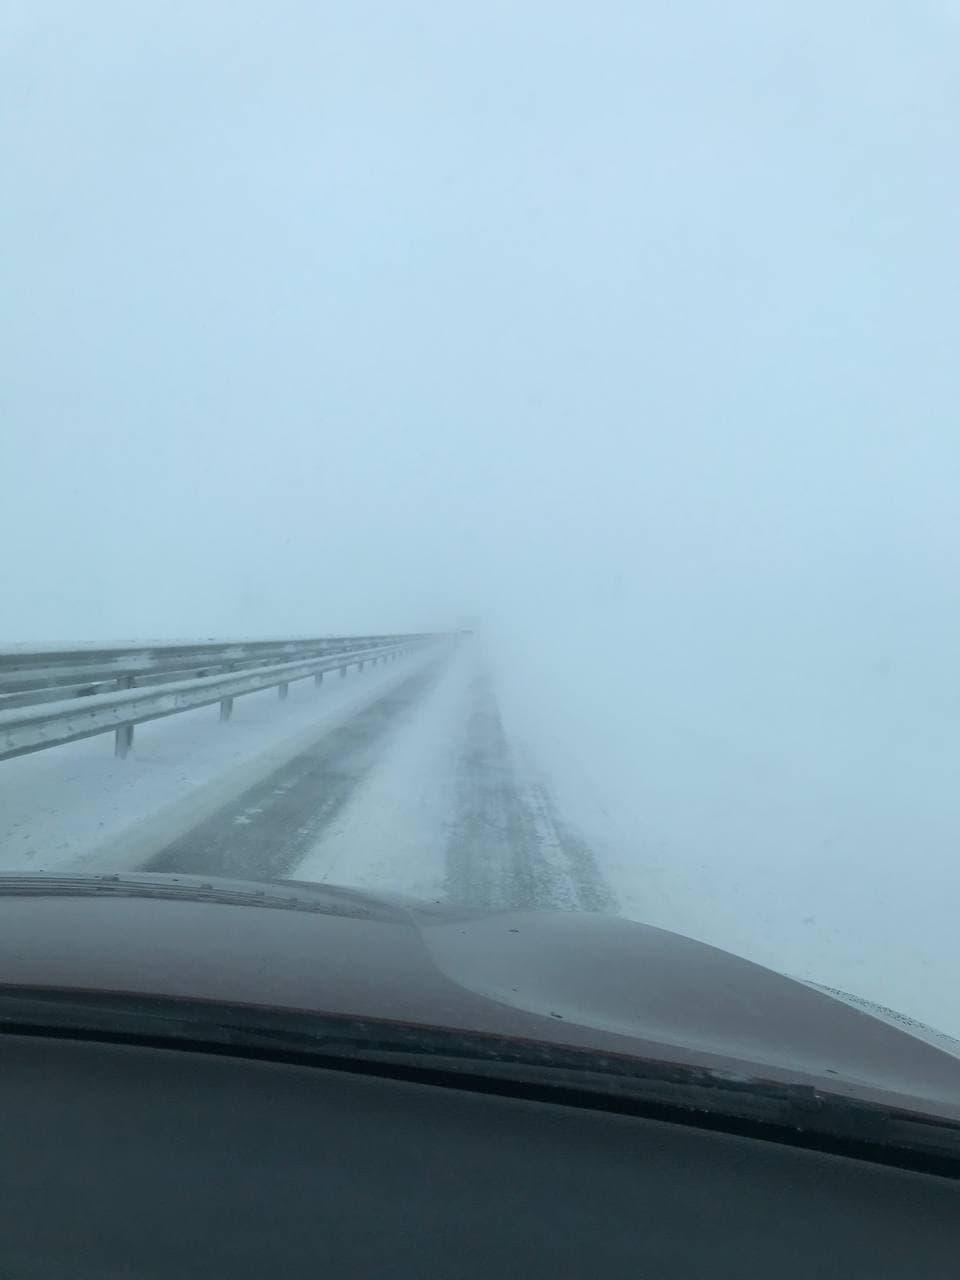 Трасса «Таврида» и Крымский мост 19 февраля 2021: какая сейчас ситуация на дороге? Фото, видео (обновляется)